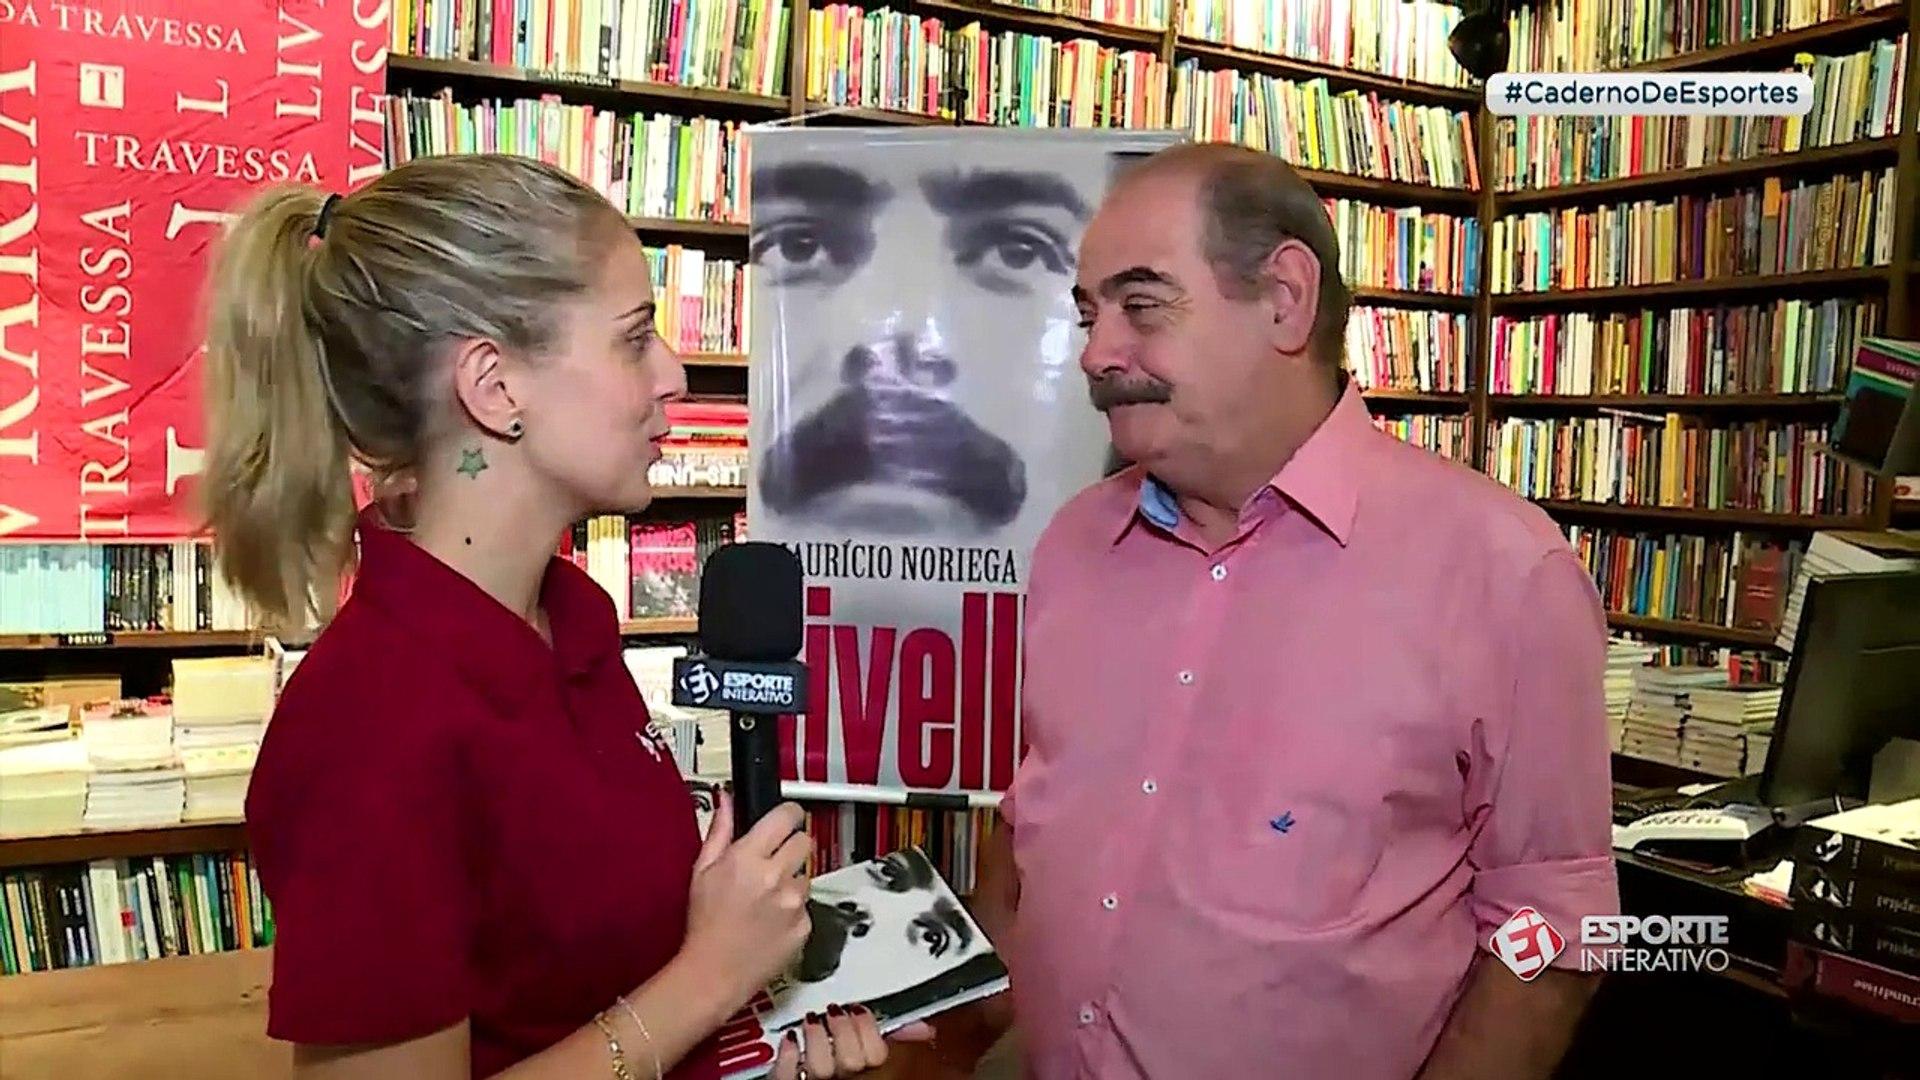 Caderno de Esportes: Monique Danello acompanha lançamento de livro sobre Rivellino